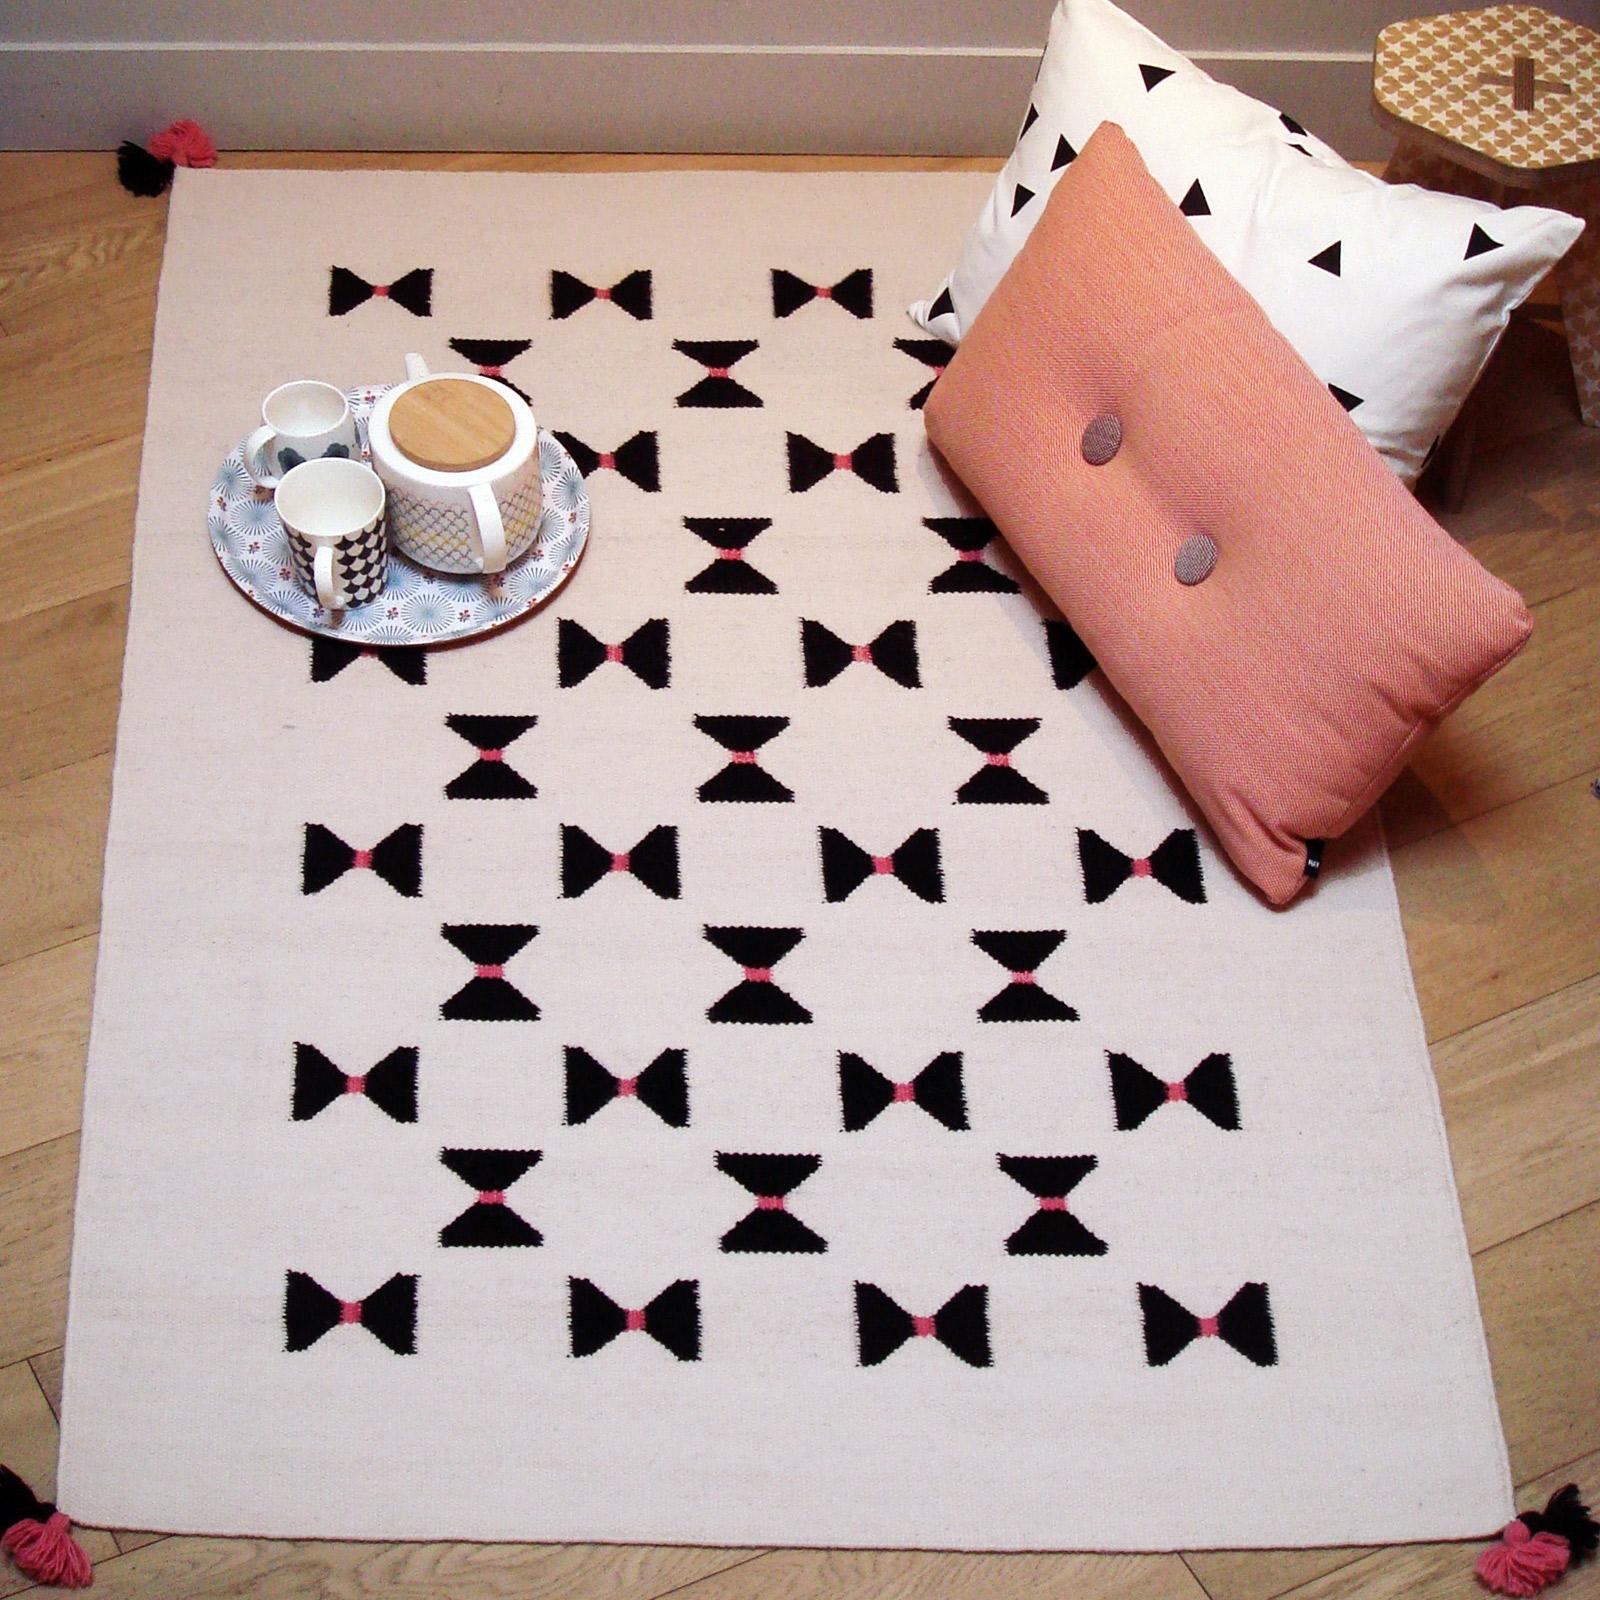 Tapis de laine Kilim noeuds graphiques 110 x 160 cm